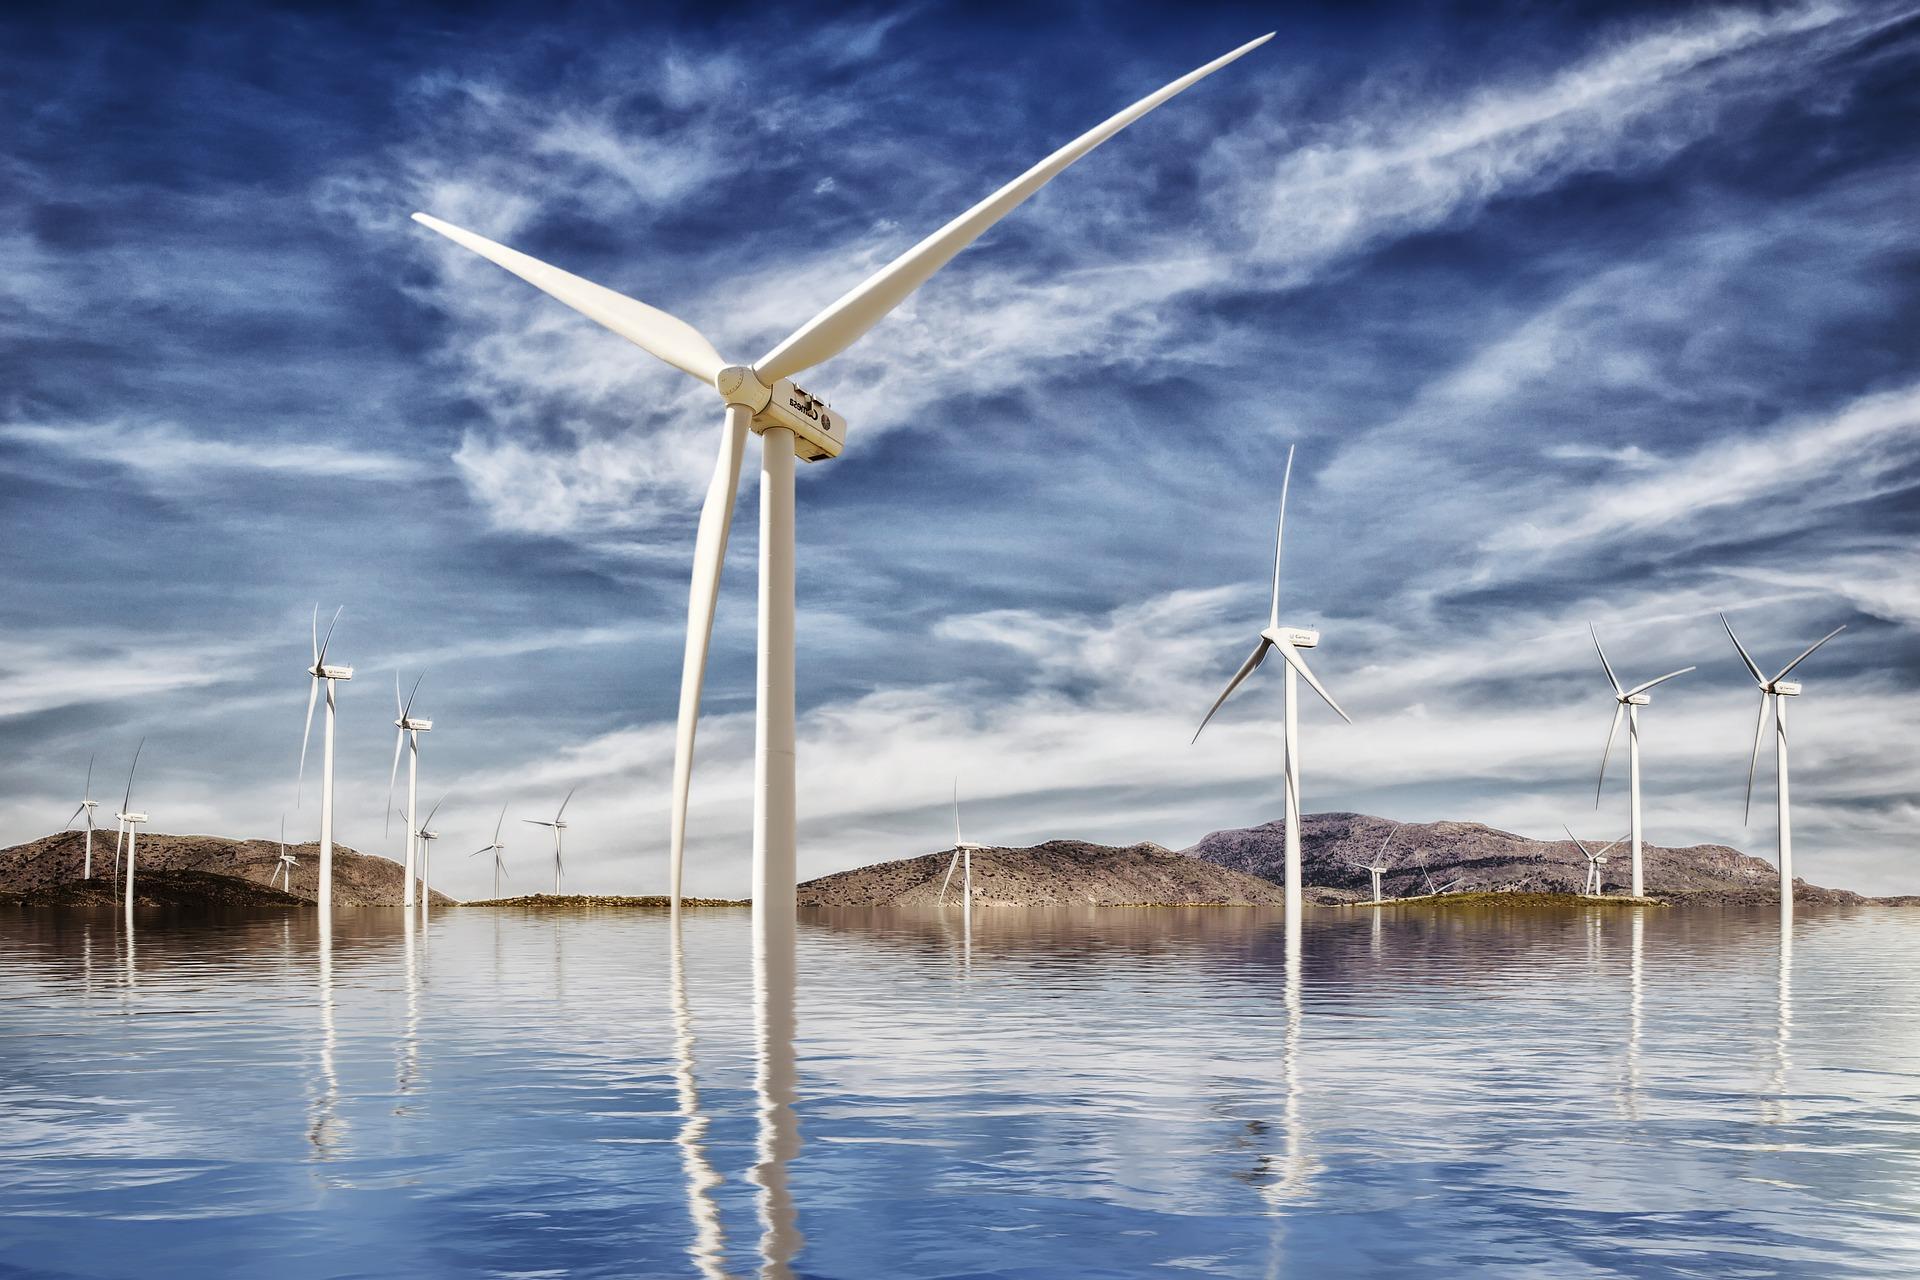 """I piani eolici offshore faranno aumentare i prezzi dell'elettricità e richiederanno una """"massiccia industrializzazione degli oceani"""""""